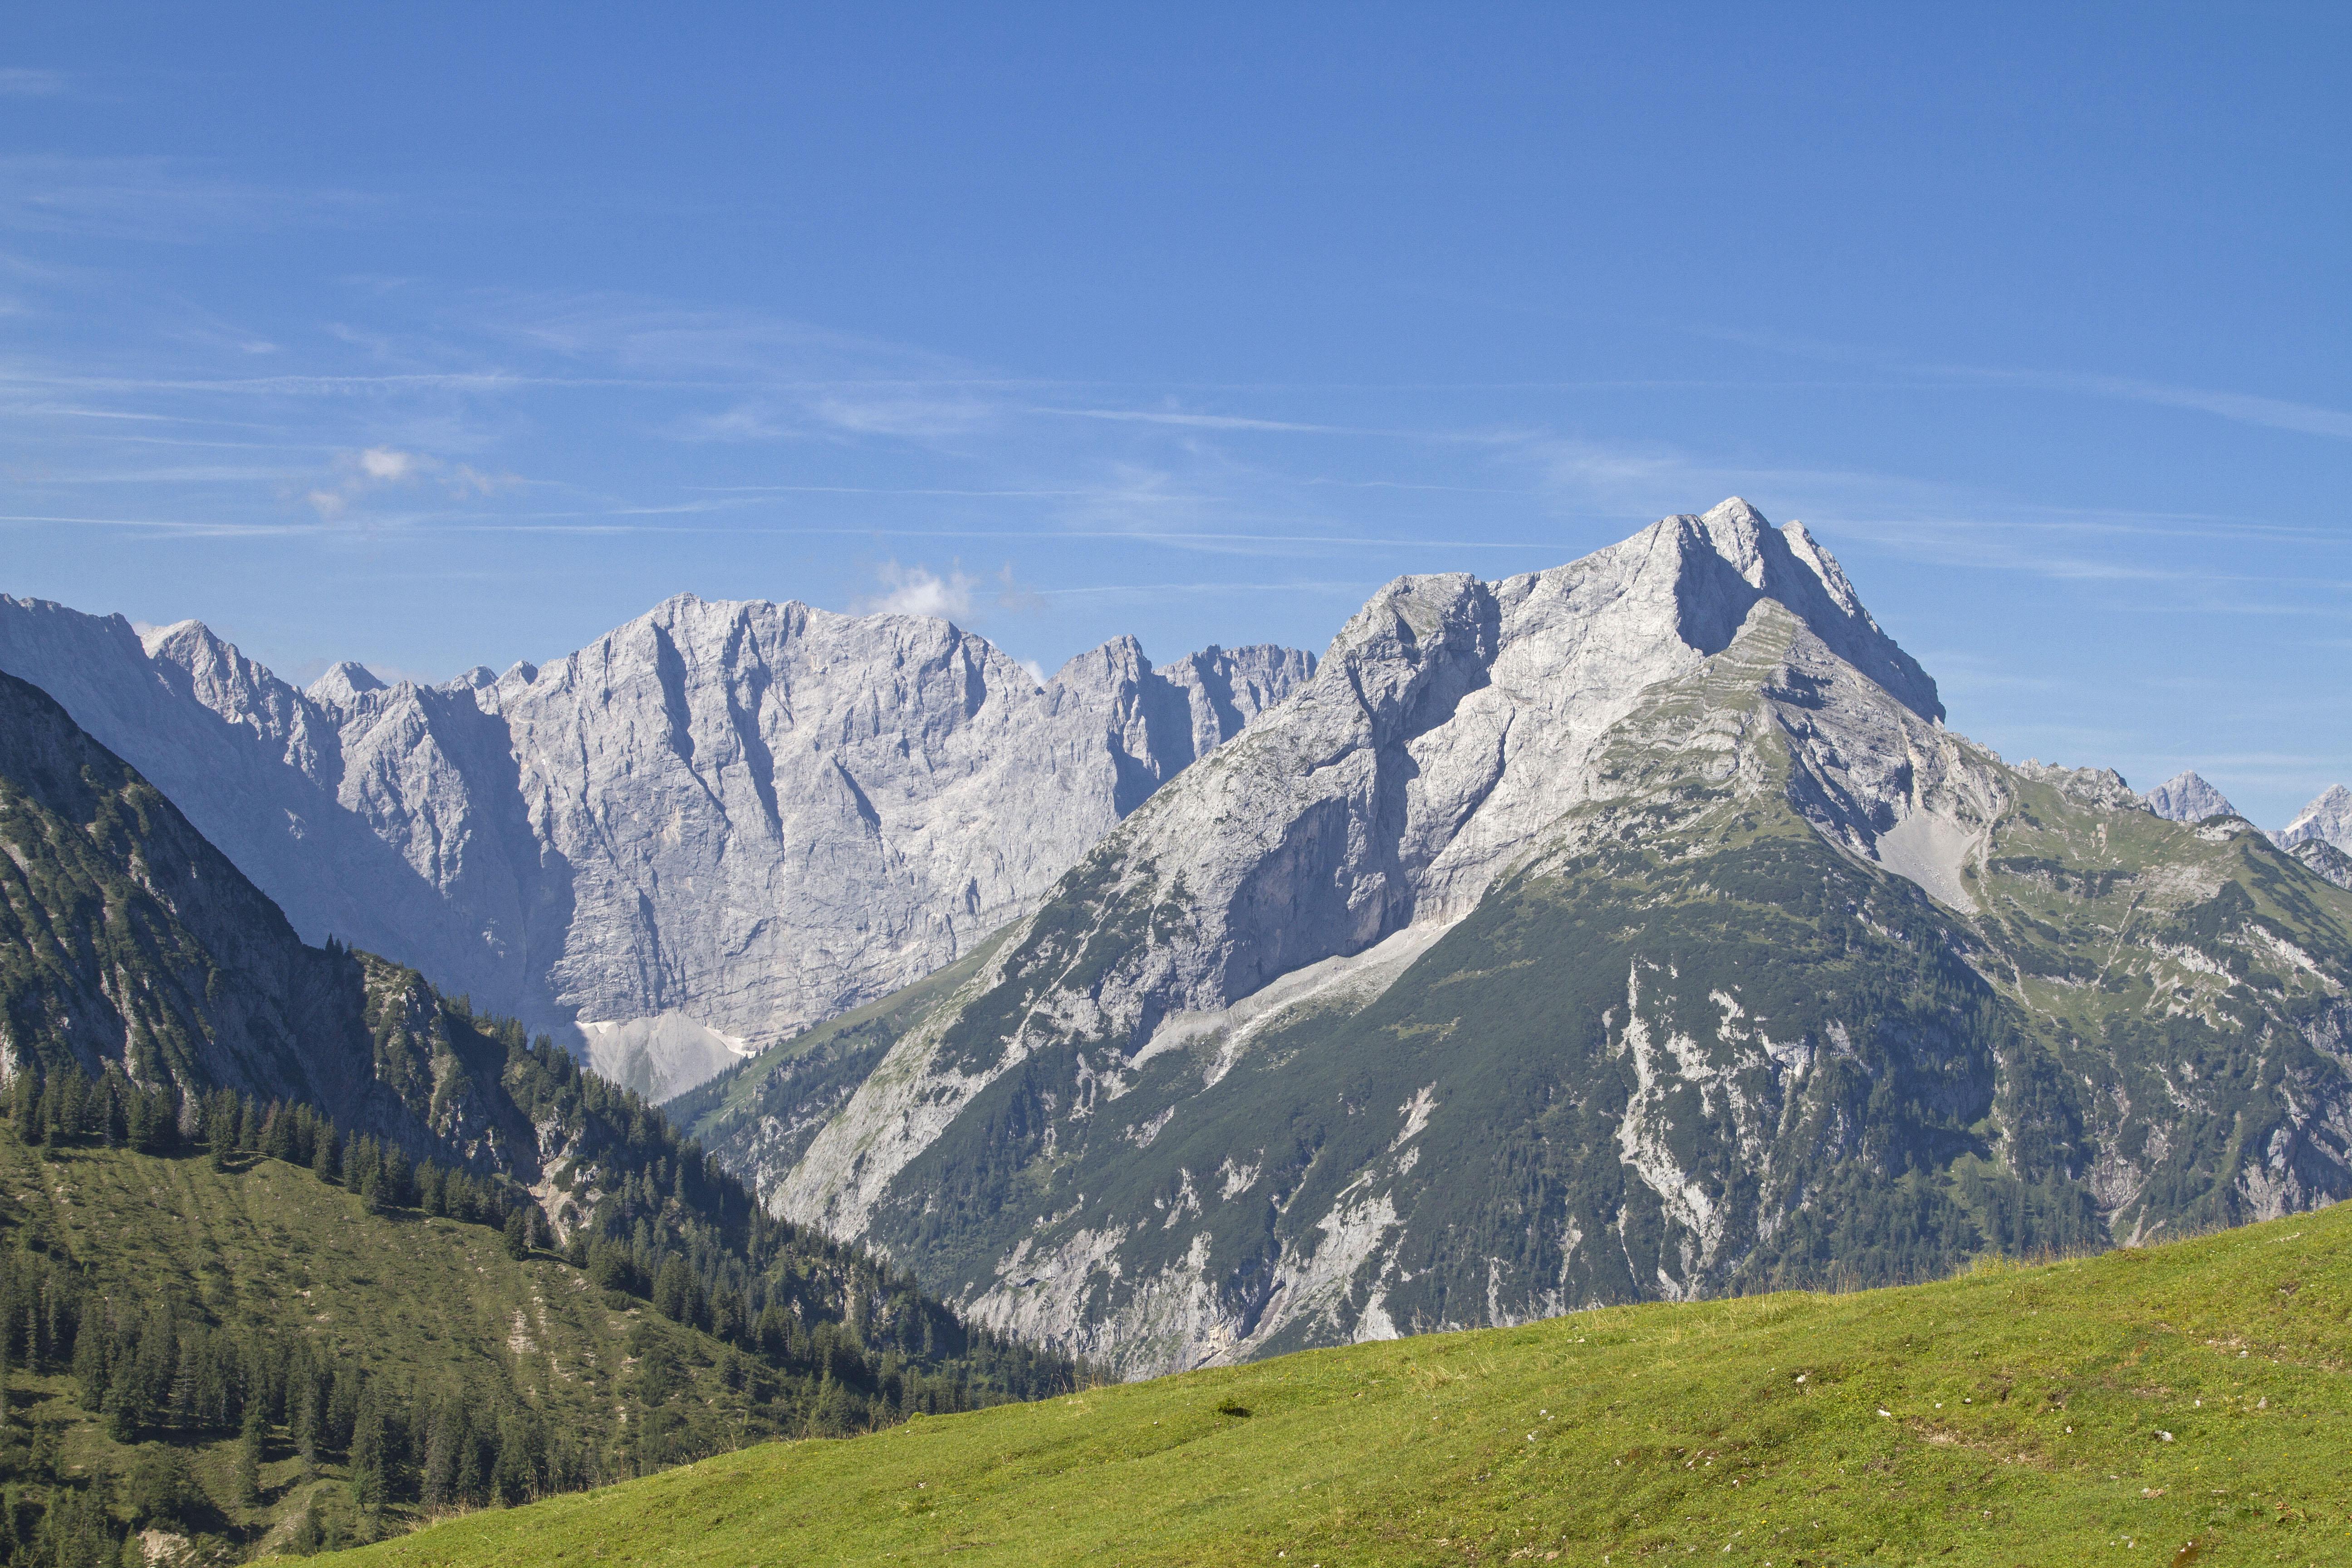 Blick aufs Karwendelgebirge vom Plumsjoch aus gesehen